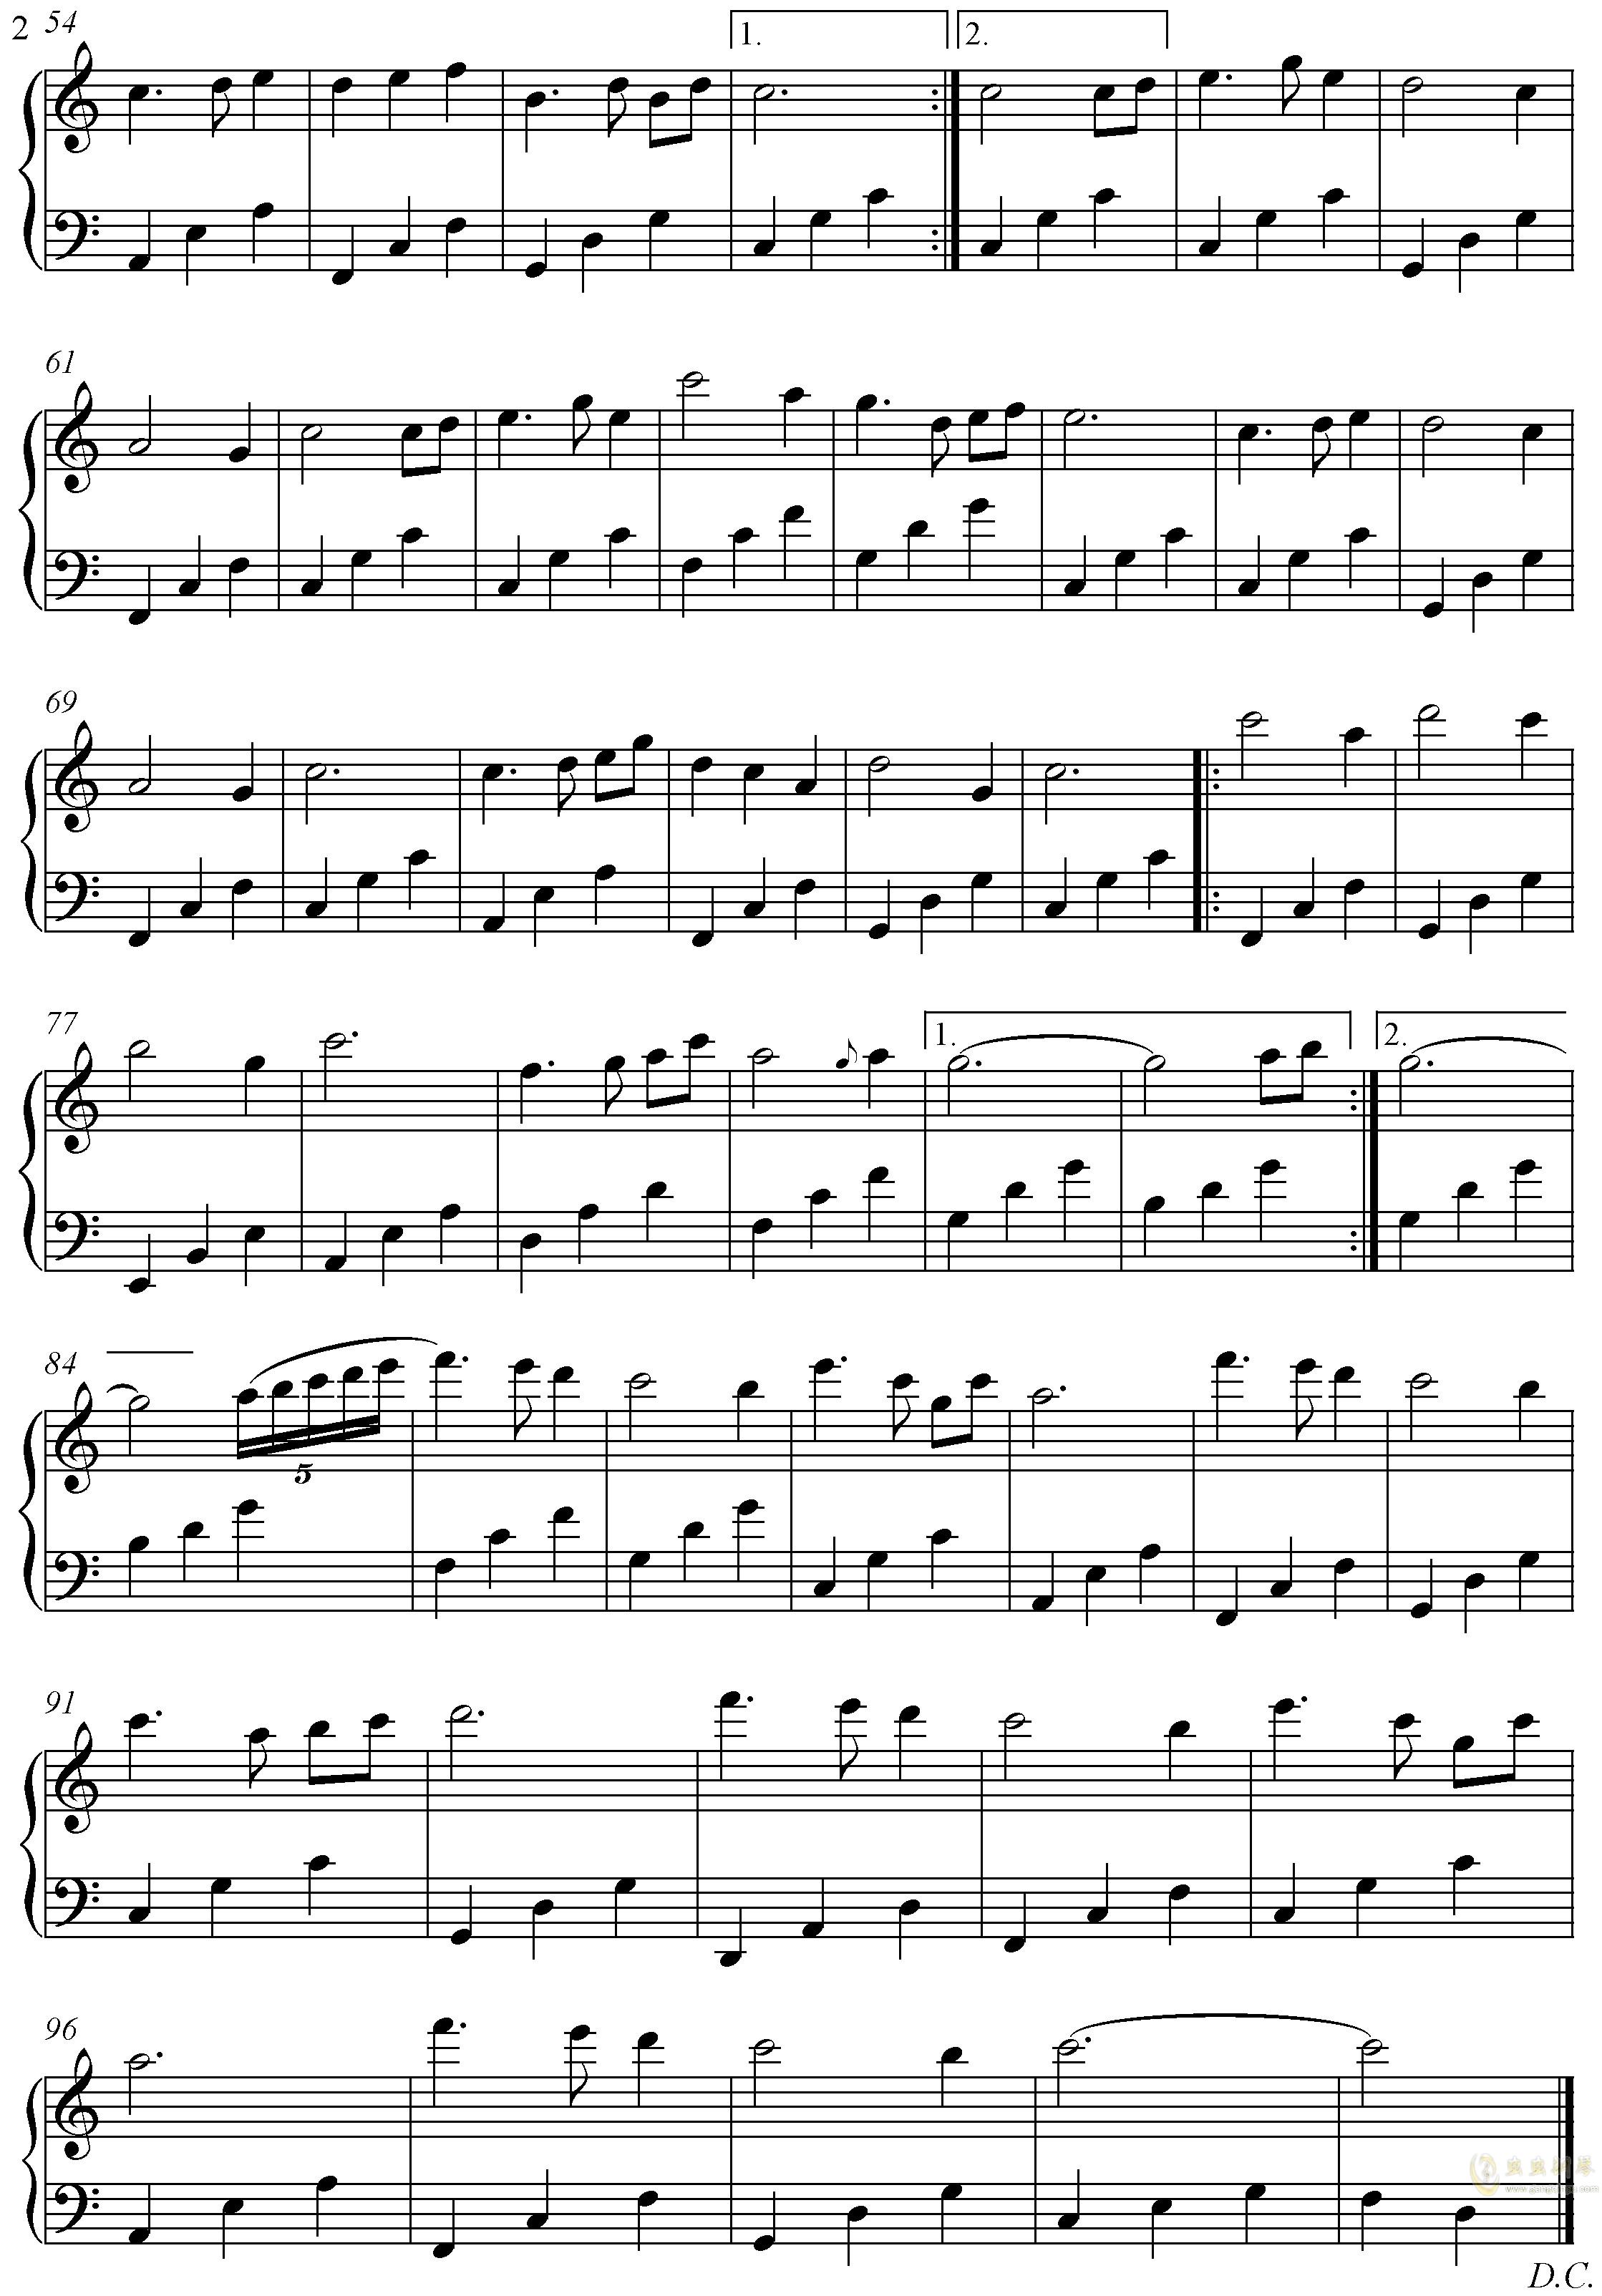 月光水岸 完整版 ,月光水岸 完整版 钢琴谱,月光水岸 完整版 钢琴谱网,月光水岸 完整版 钢琴谱大全,虫虫钢琴谱下载